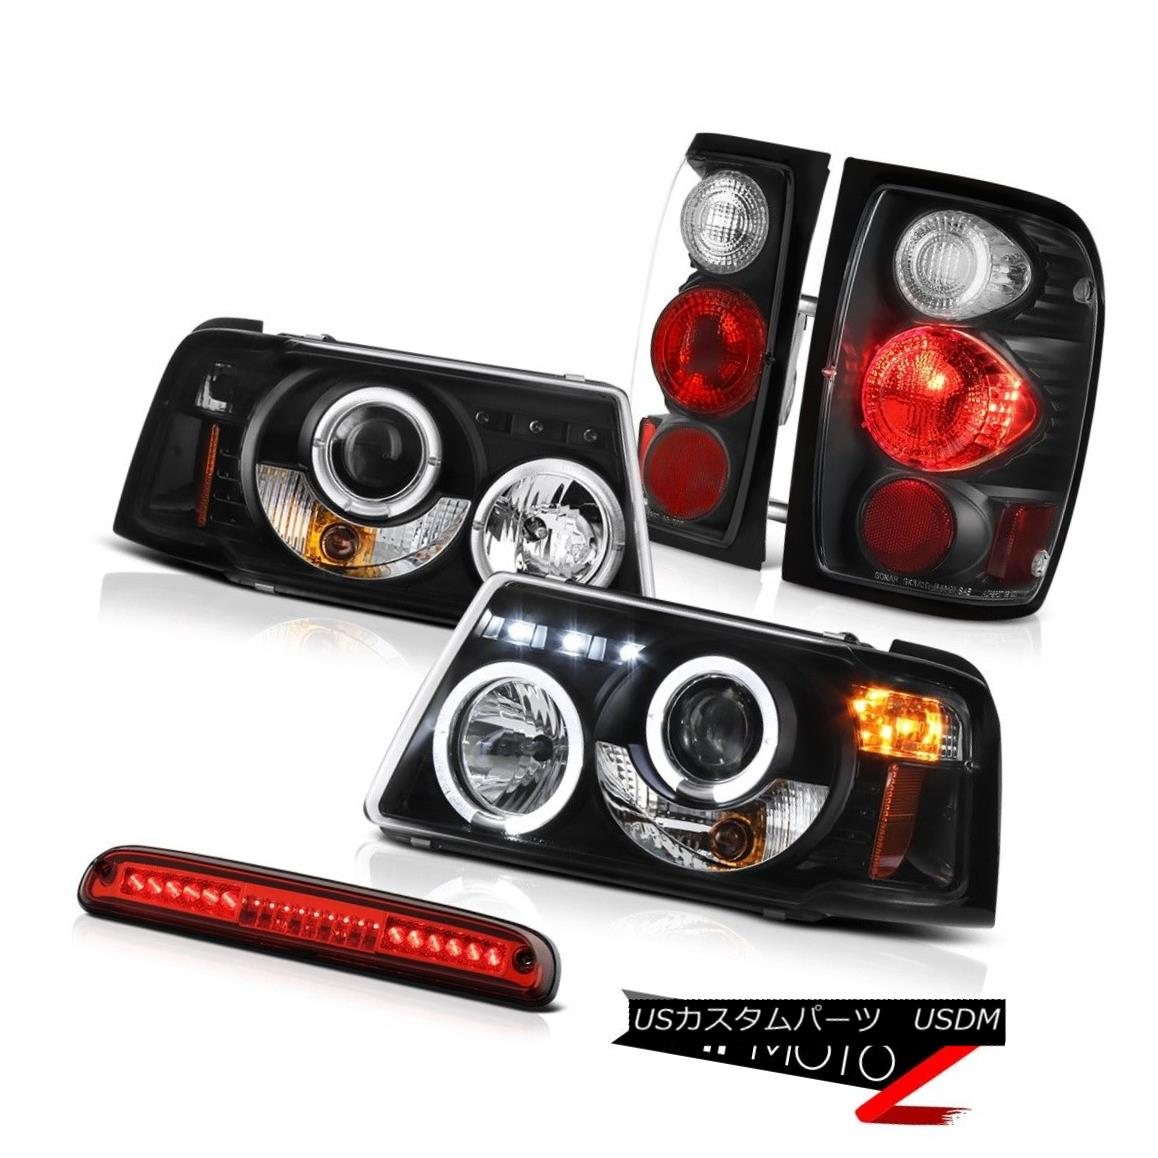 テールライト Halo Projector Headlights Tail Lights High Stop LED Red 2001-2011 Ranger 3.0L ハロープロジェクターヘッドライトテールライトハイストップLEDレッド2001-2011レンジャー3.0L